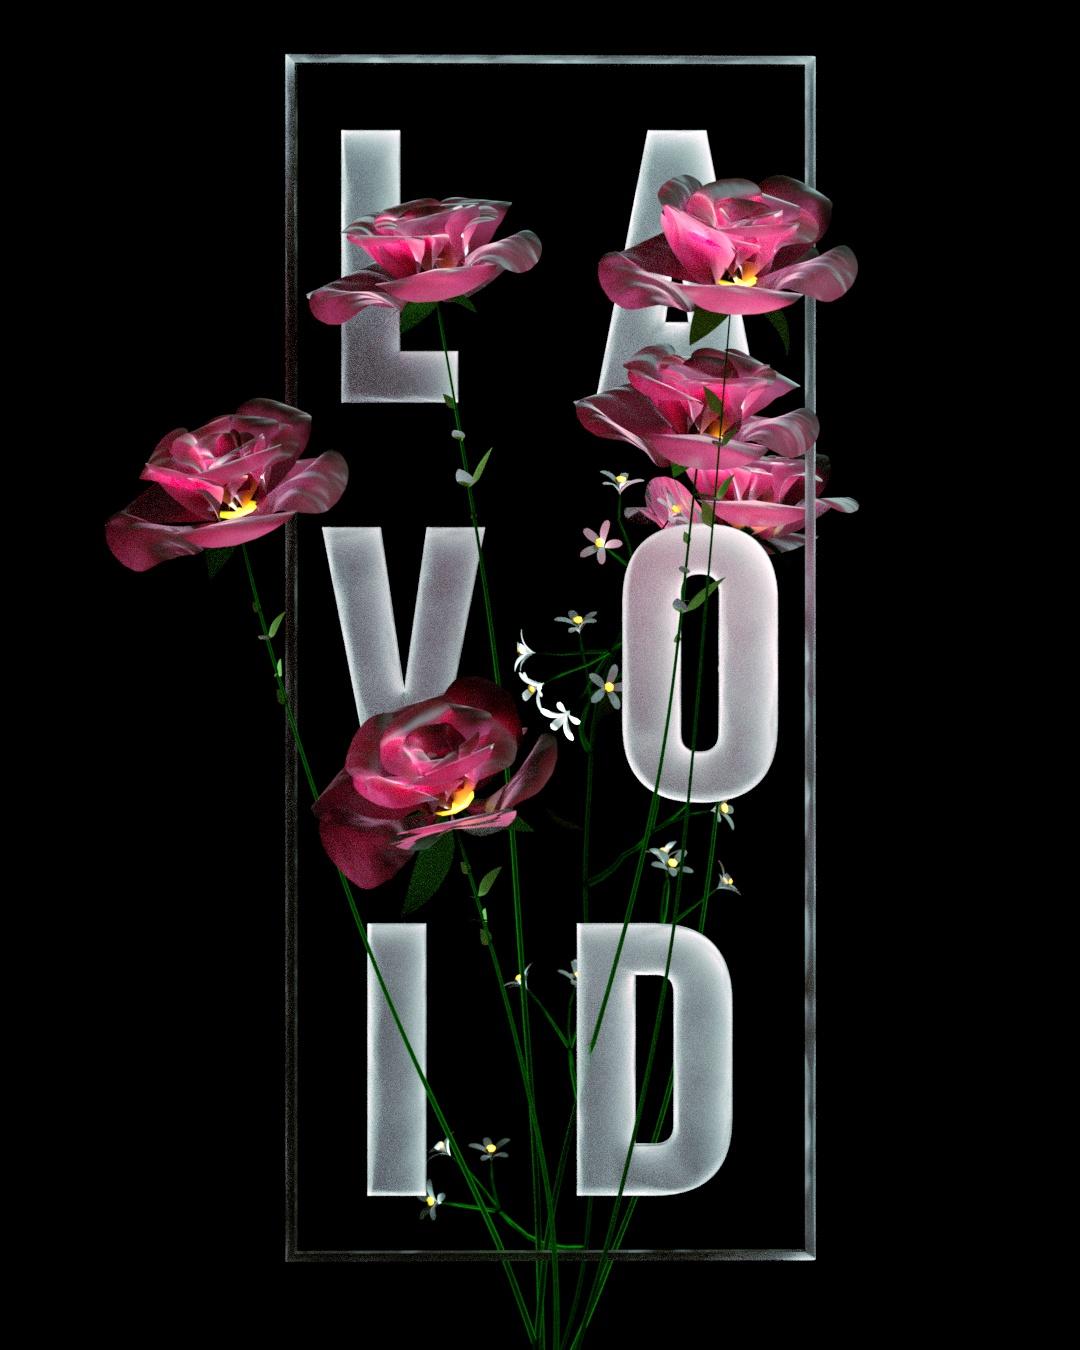 LAVOID_ROSES_v01.jpg